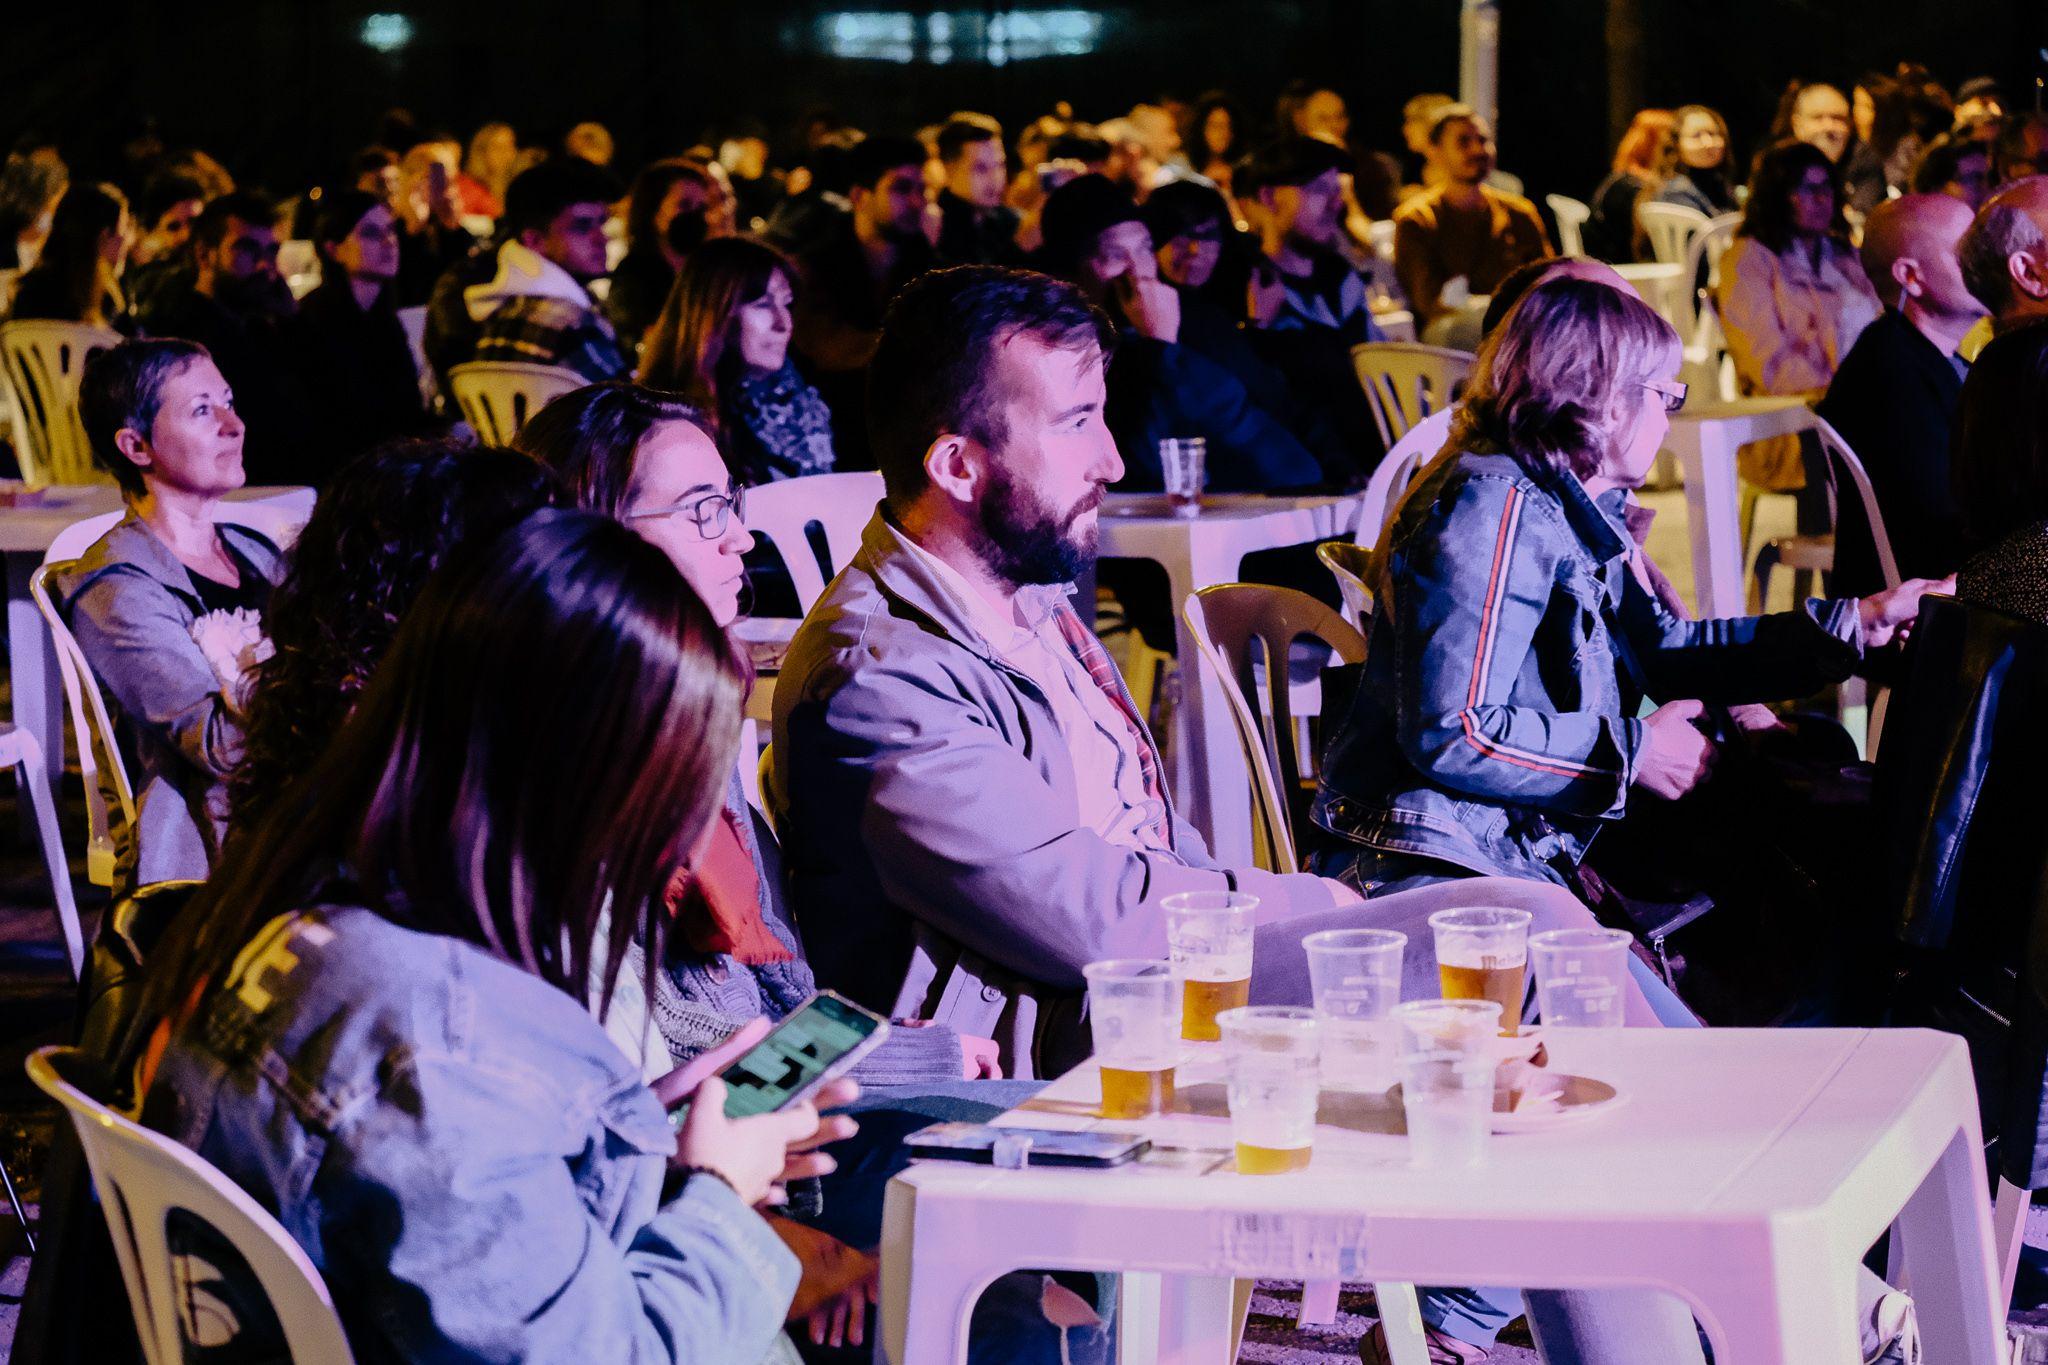 Públic que va assistir a la nit de tapes i blues al Mercat de Les Fontetes. FOTO, Ale Gómez